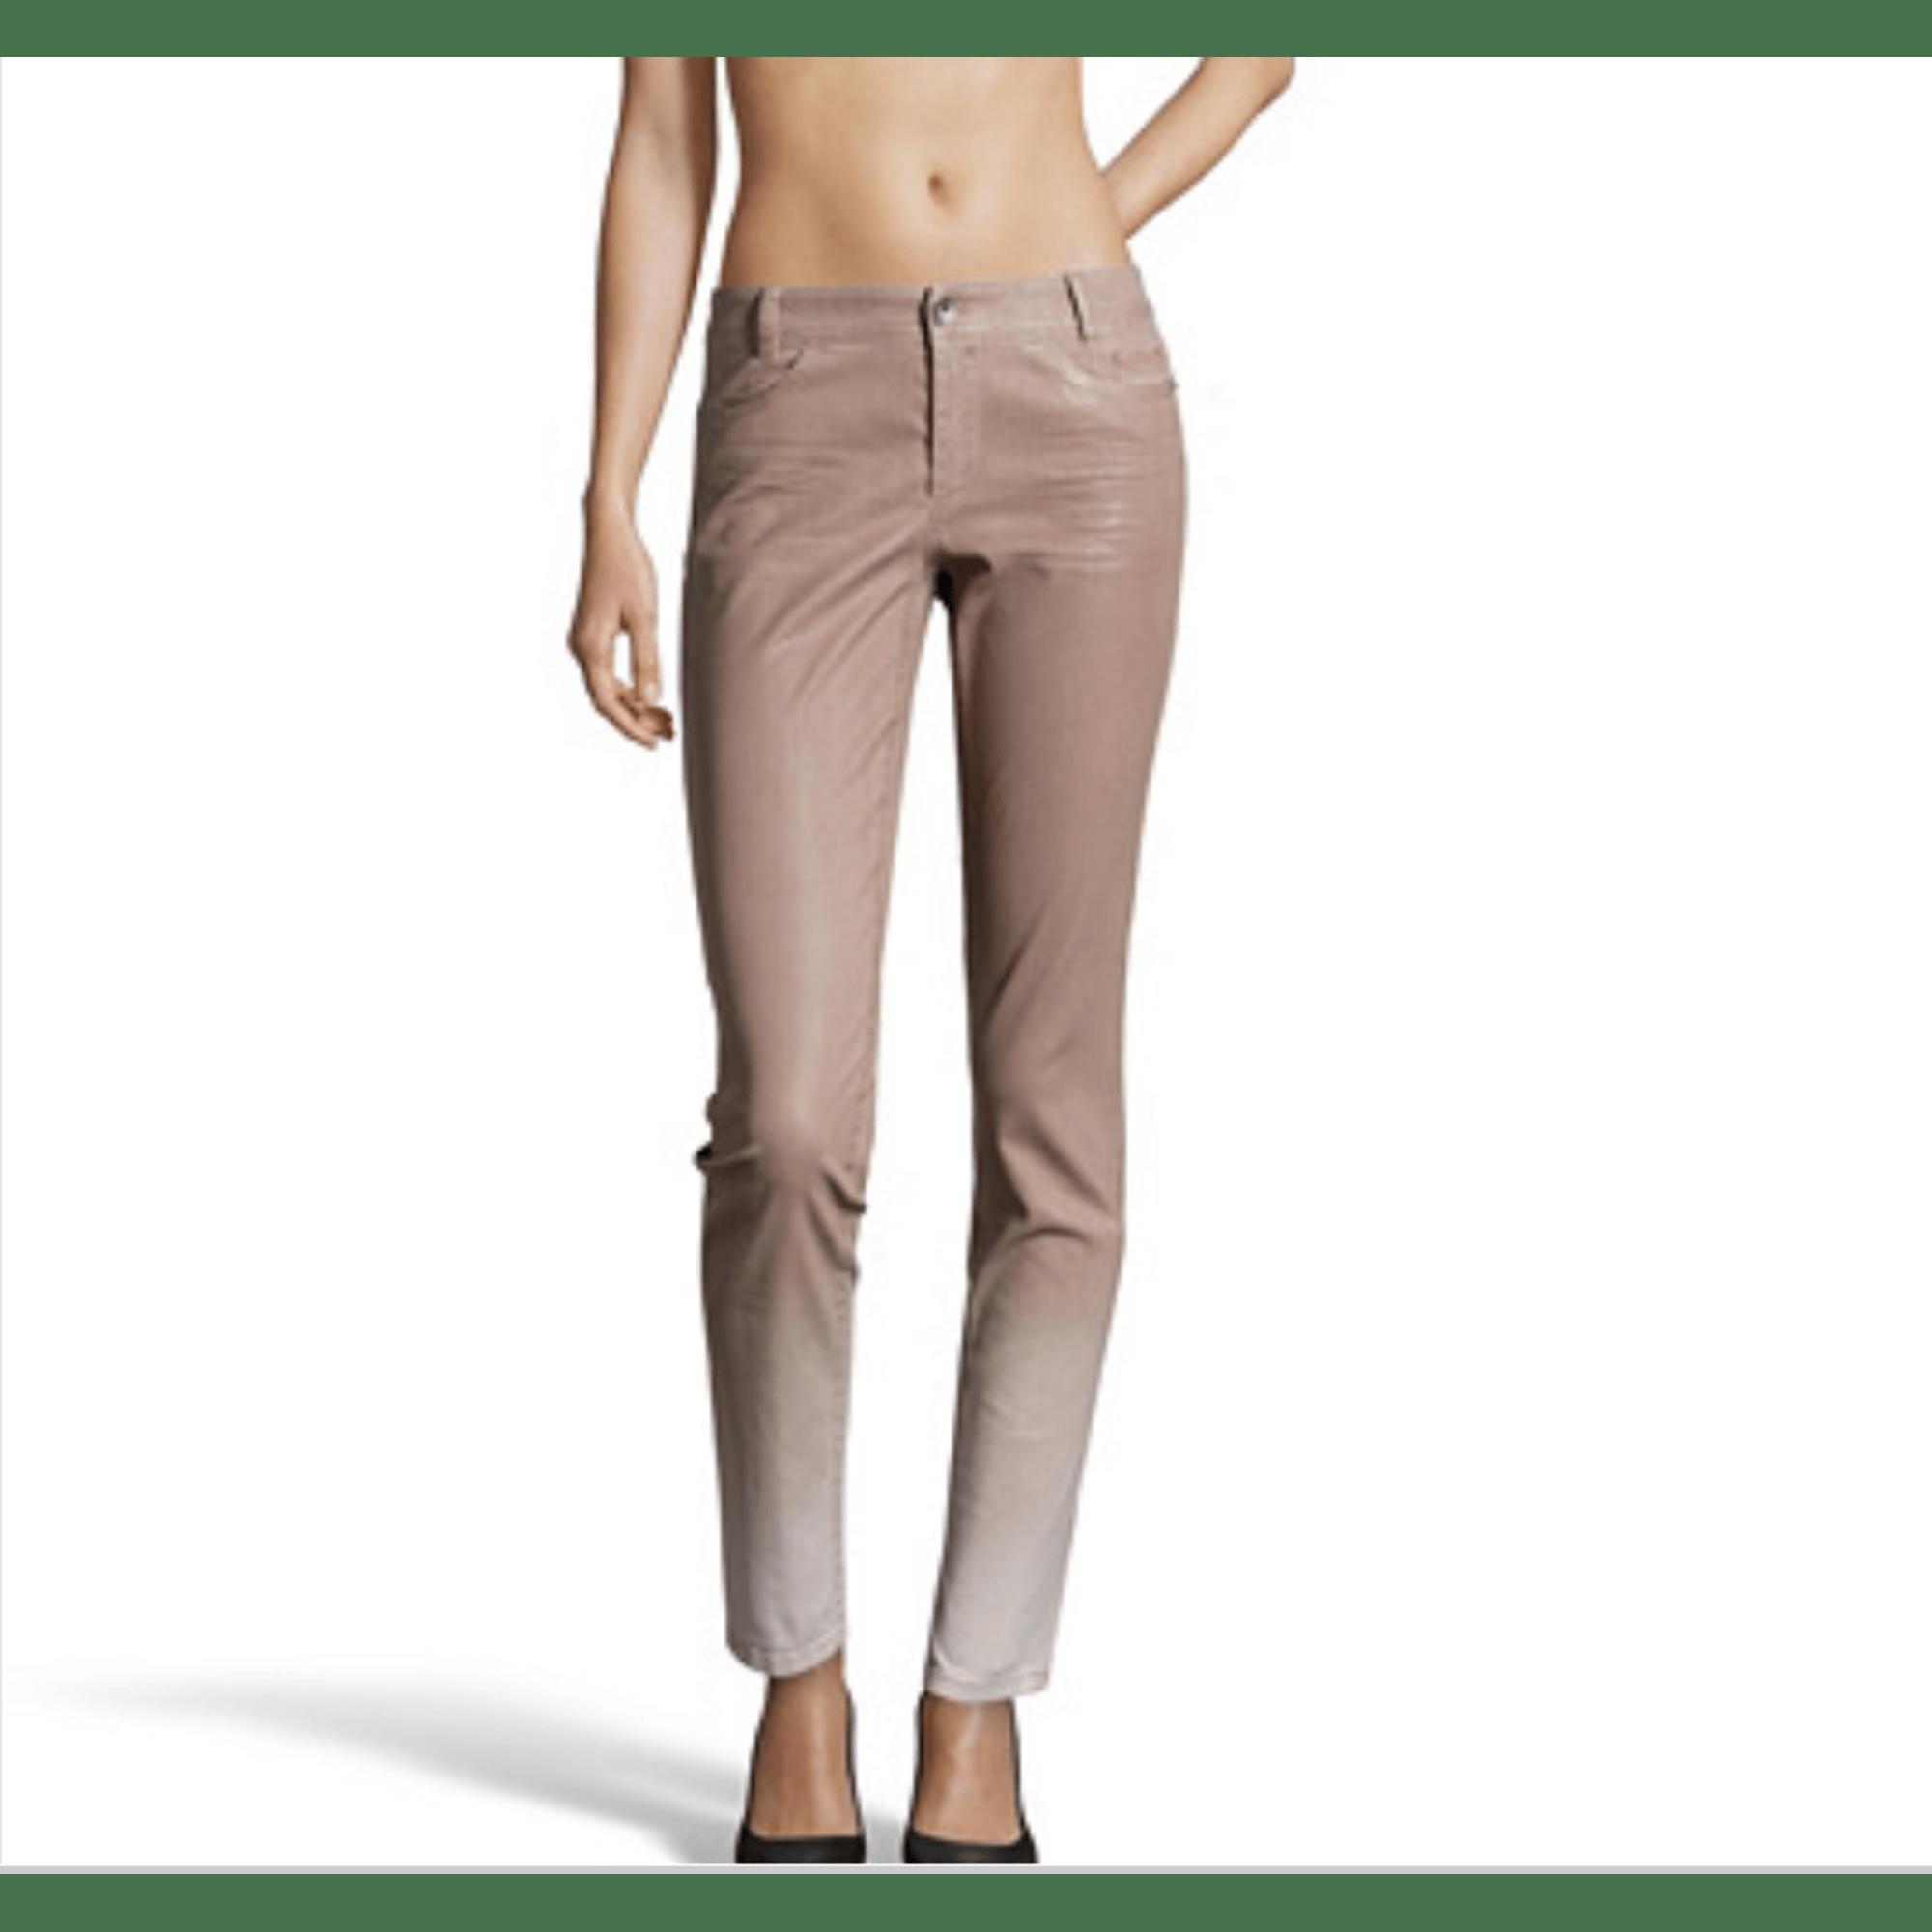 Pantalon droit MARCCAIN Marron clair et Blanc